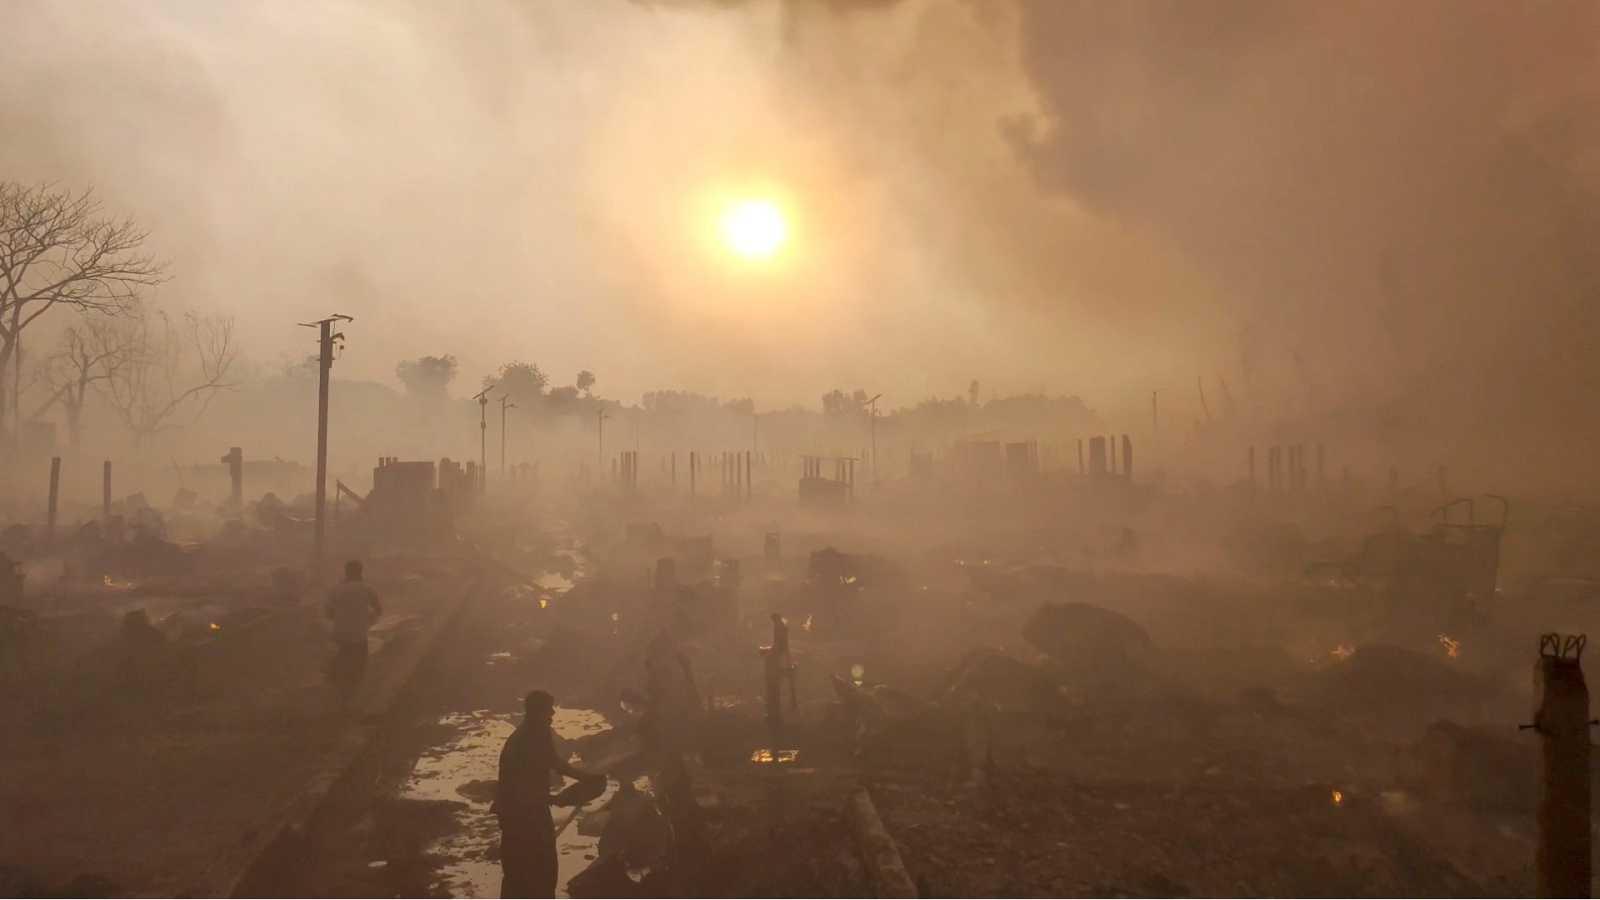 Tragedia en un campo de refugiados rohinyás: un incendio deja 15 muertos y más de 500 heridos